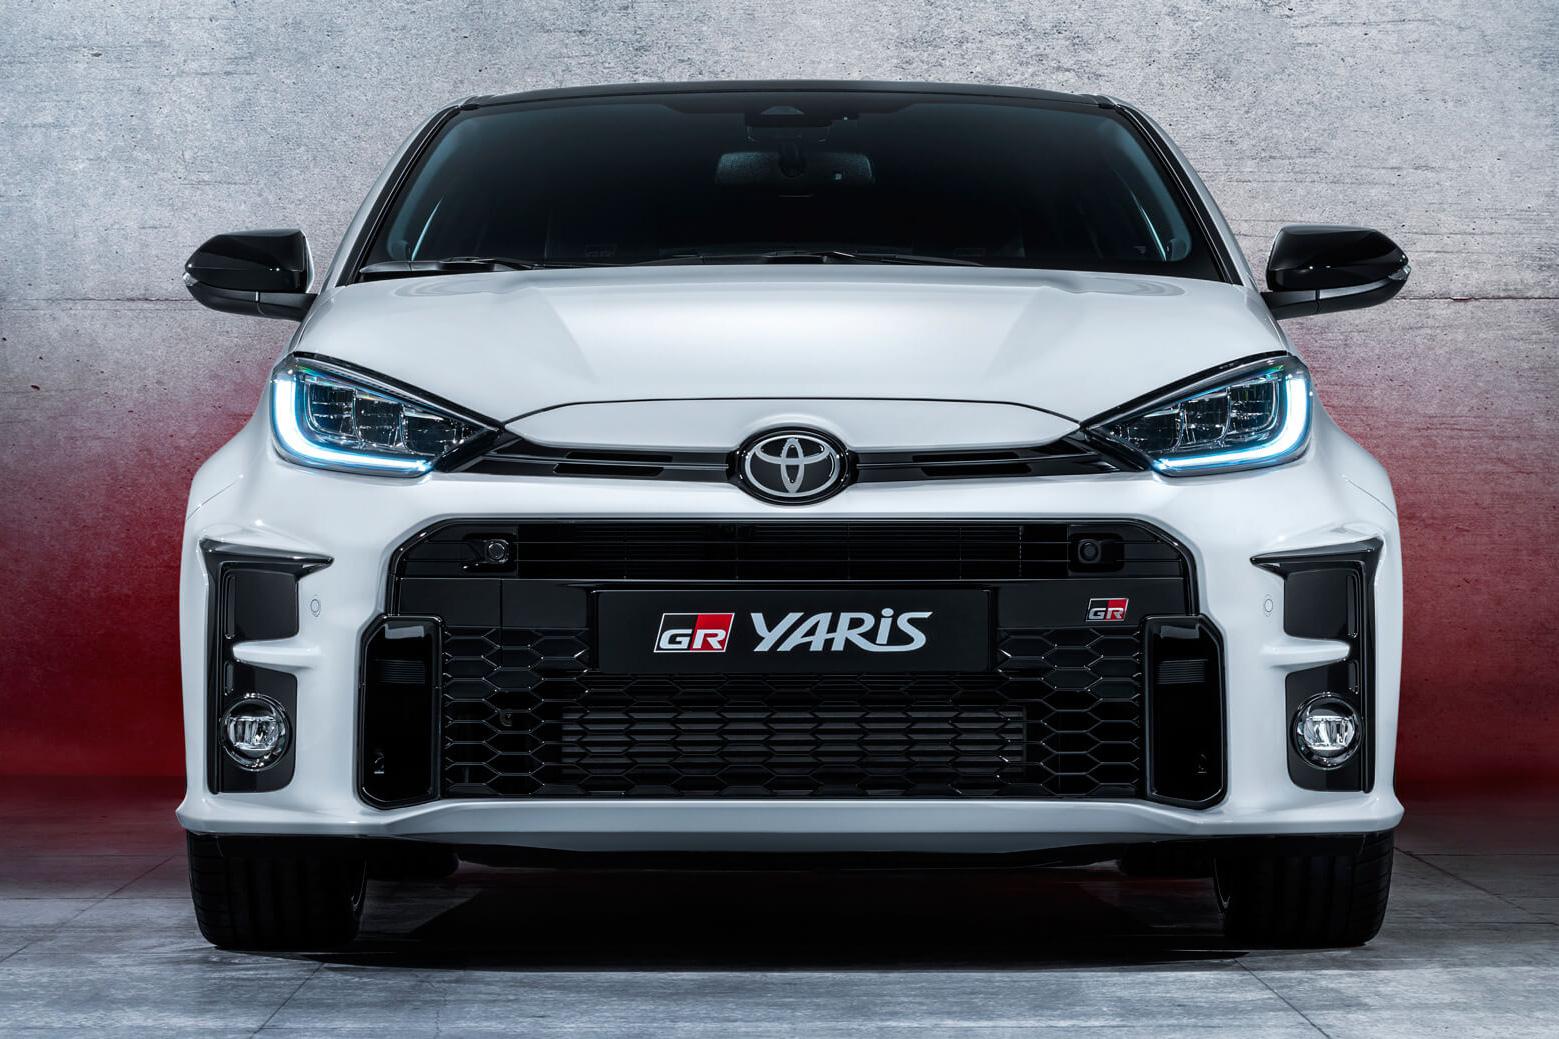 Toyota Yaris đâu chỉ dành cho chị em: Đây là bản khủng khiếp như xe đua